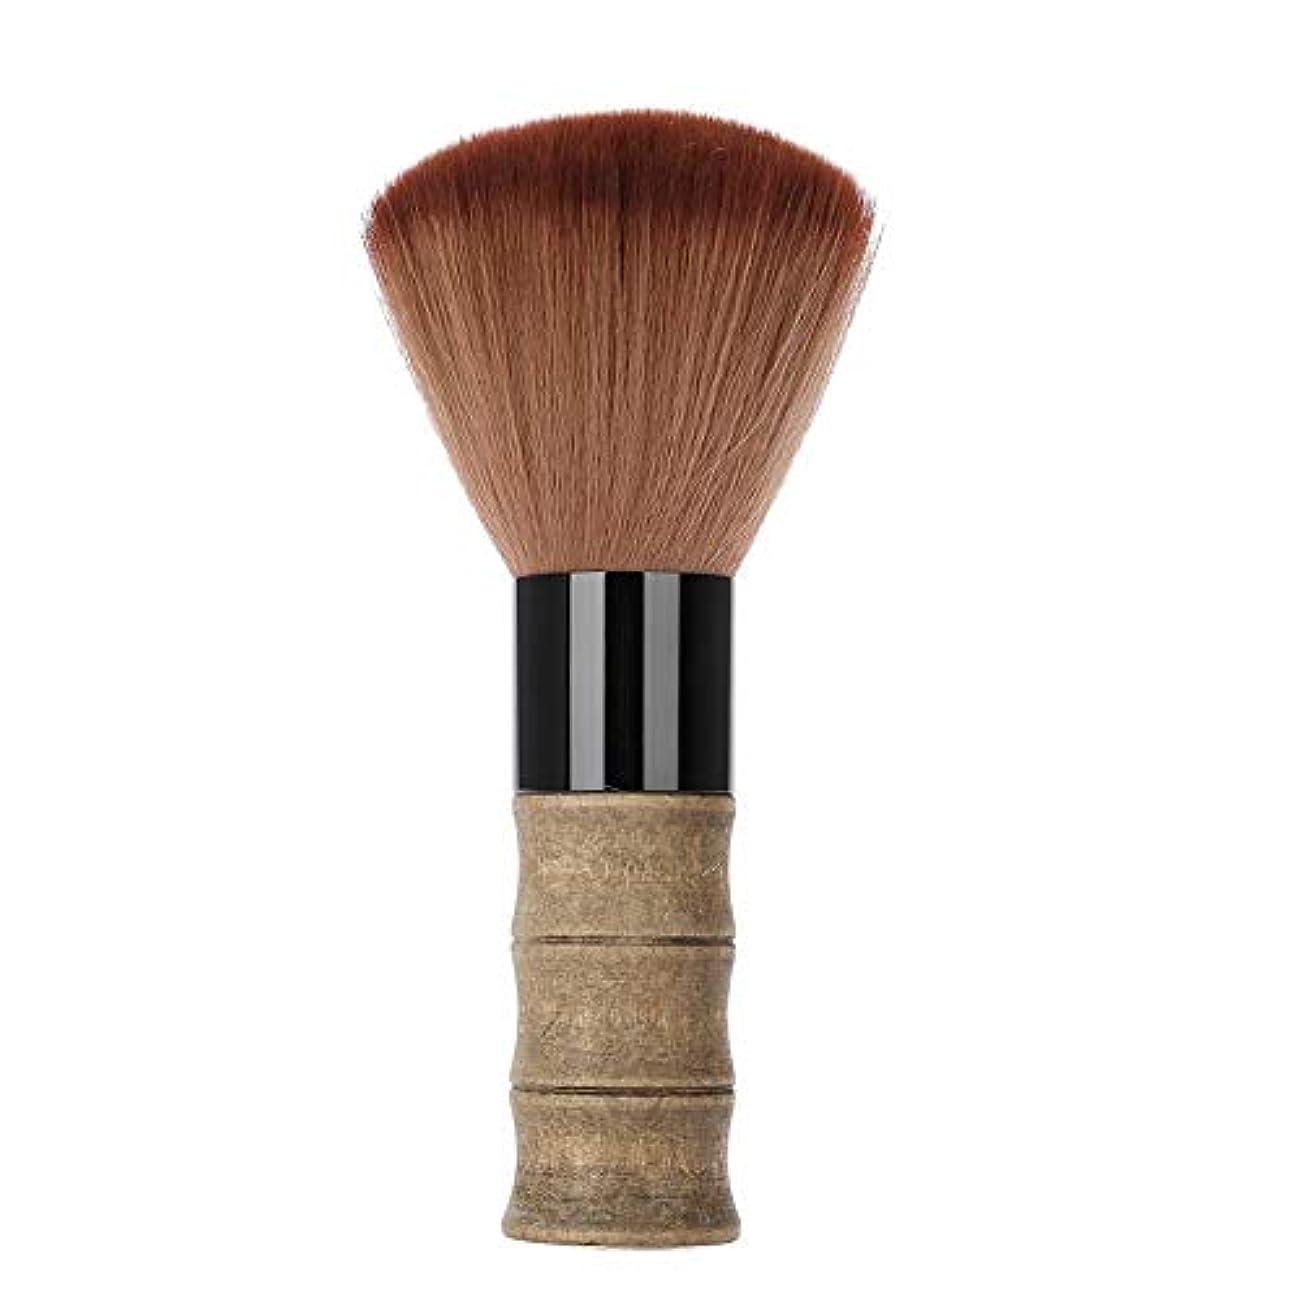 情報ステレオタイプ弓ヘアブラシ ヘアカット ヘアスポンジ ネック理髪店 掃除前髪 美容院 家用 携帯用